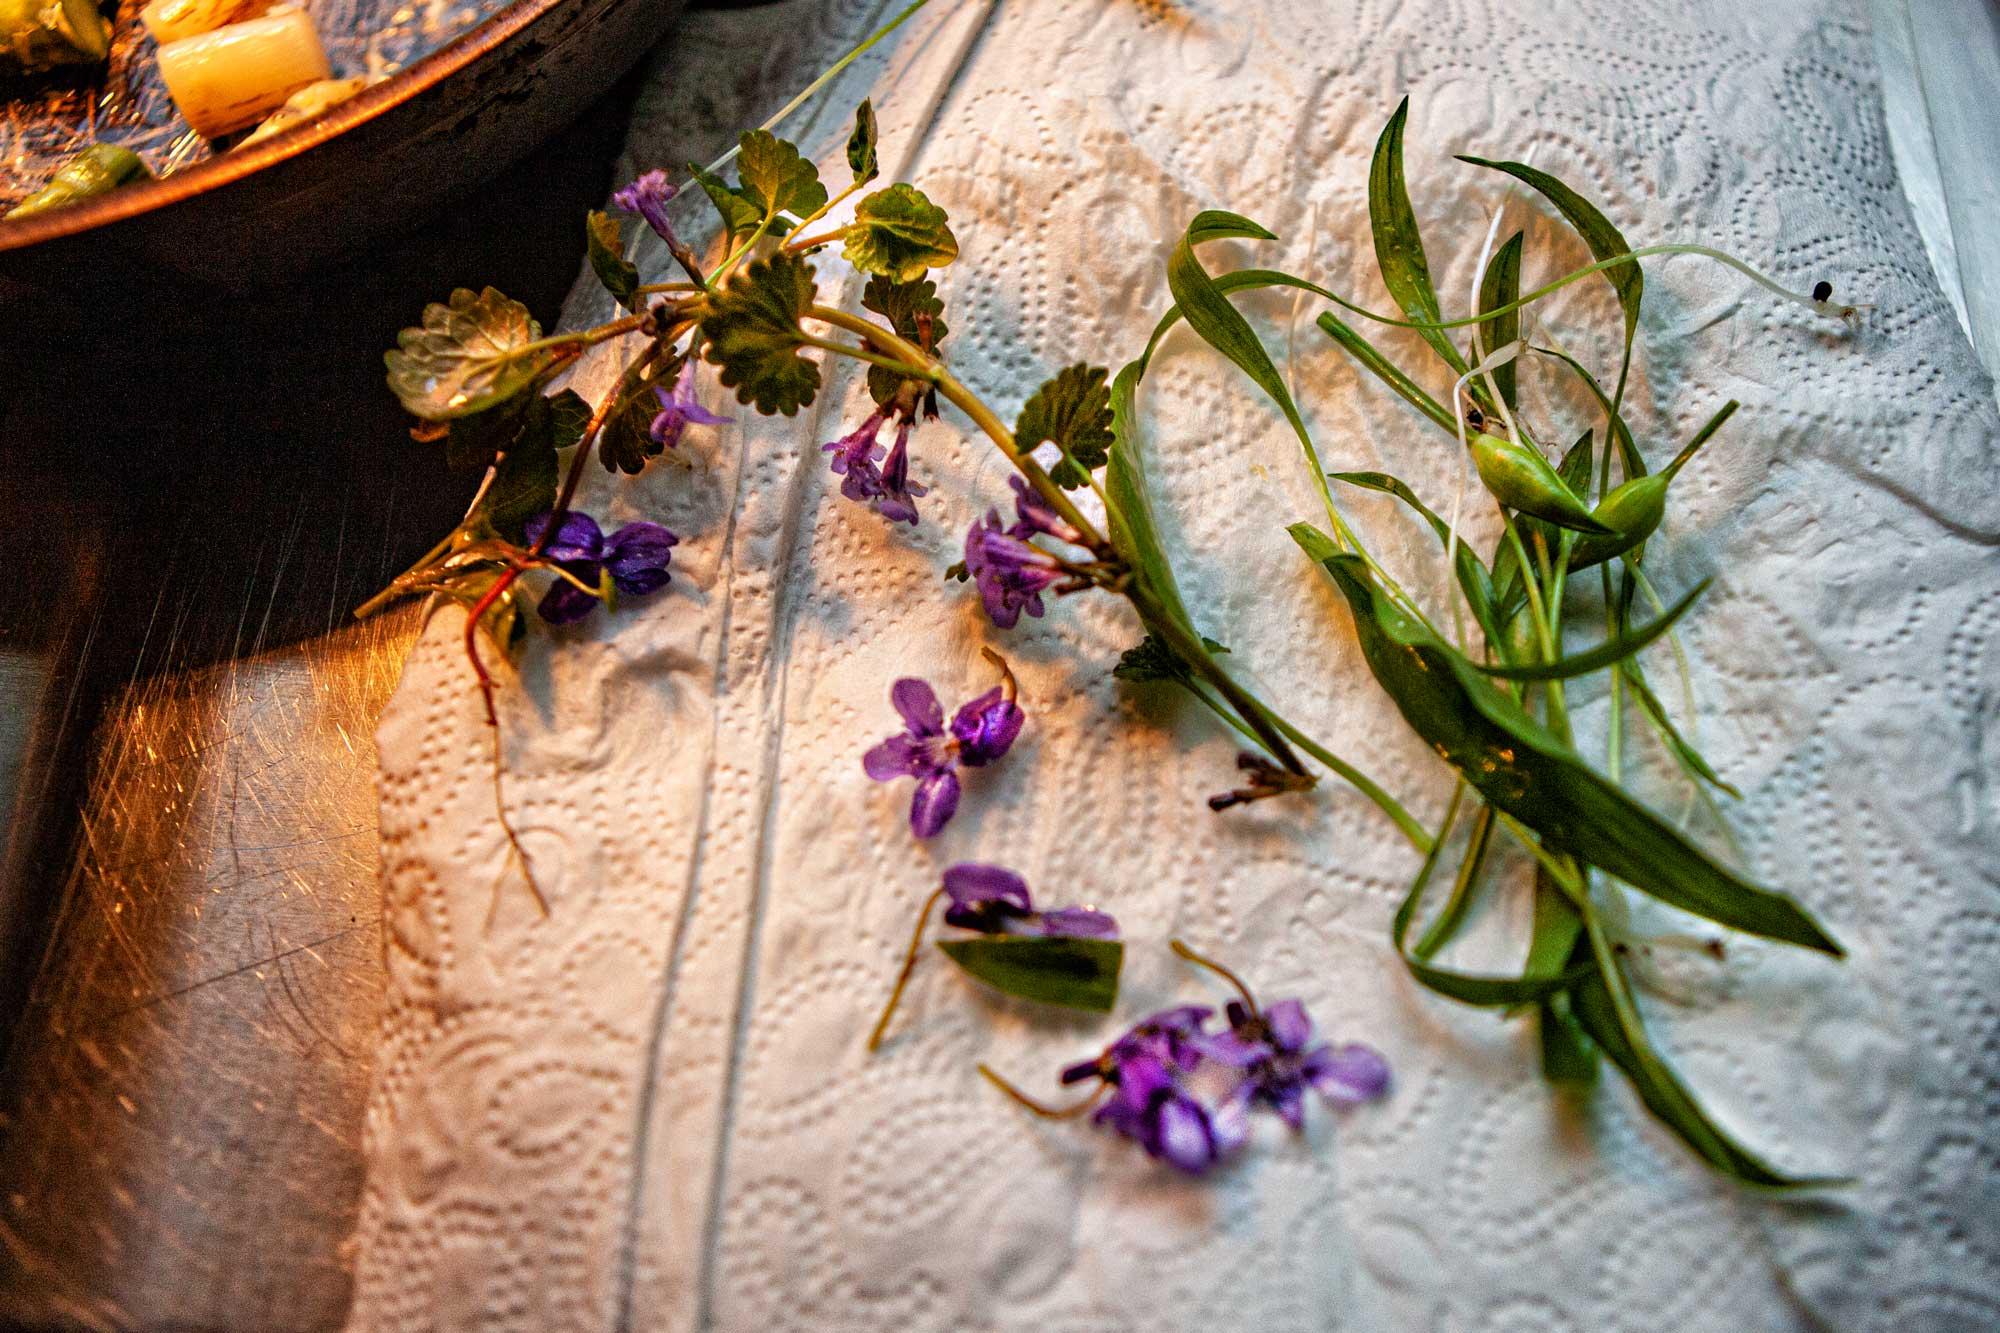 Wildkräuter für den Bergsträßer Frühling in Kaltwassers Wohnzimmer